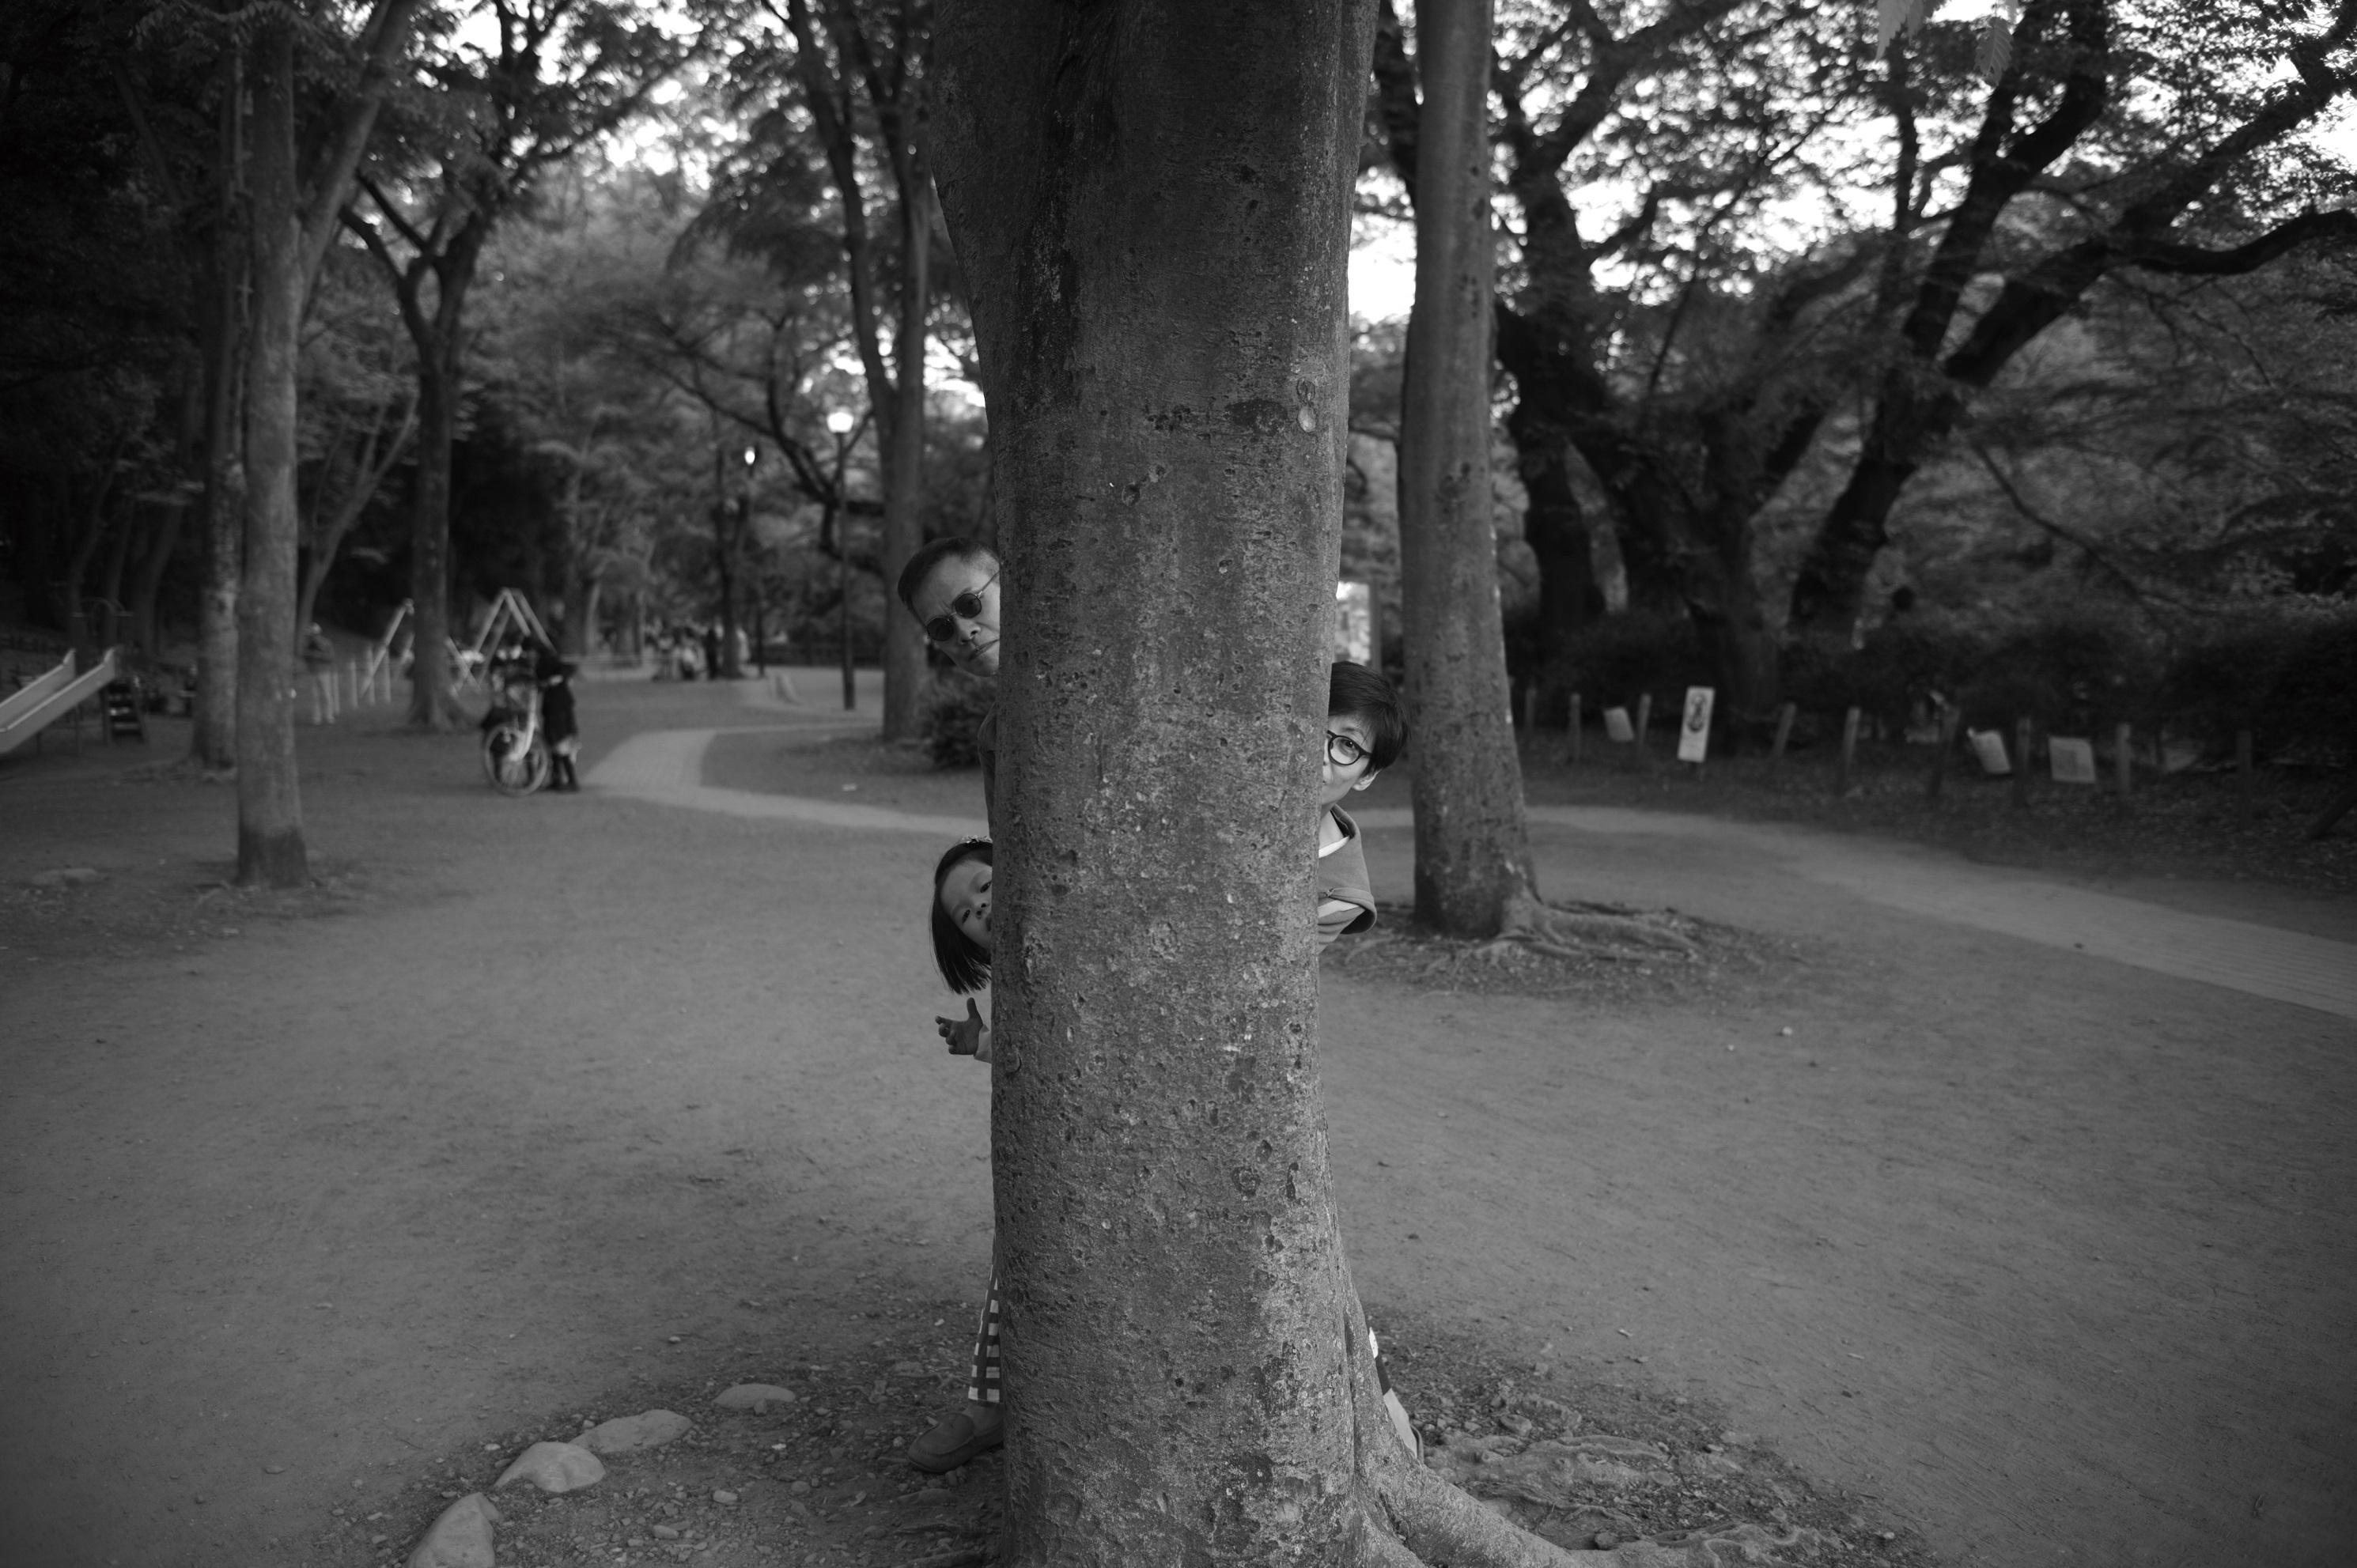 取景於日本東京的代代木公園(種子音樂提供)